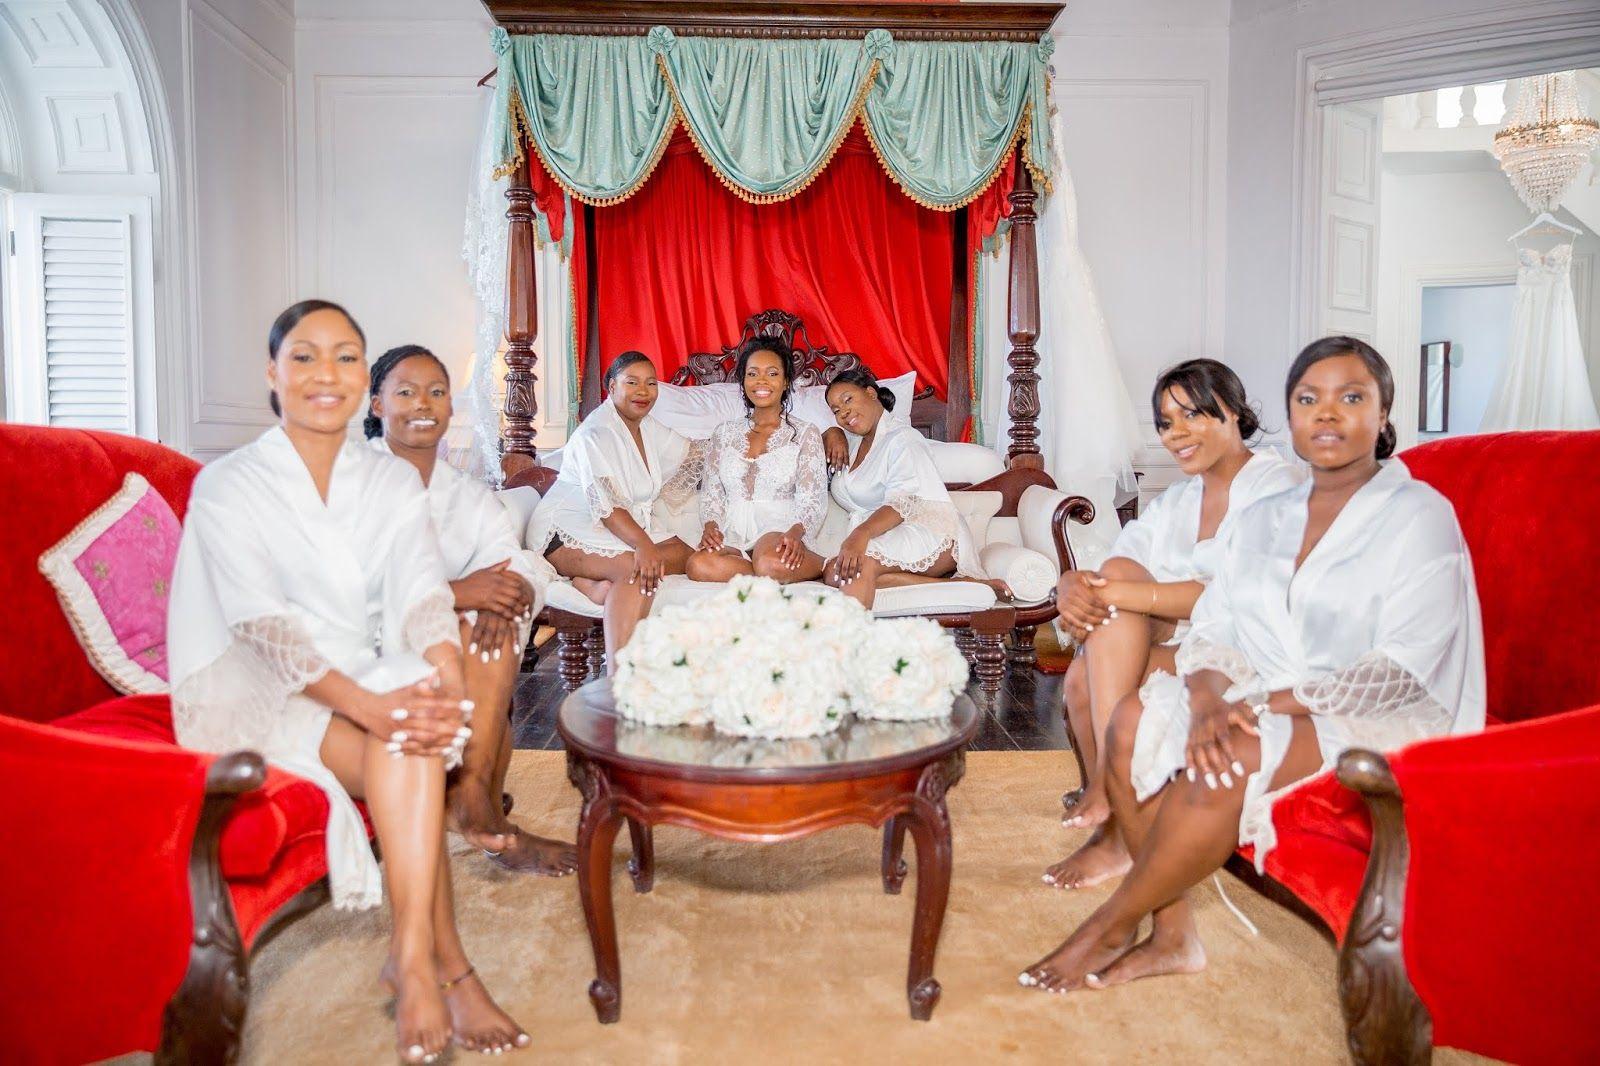 Our Destination Wedding In Jamaica in 2020 Destination